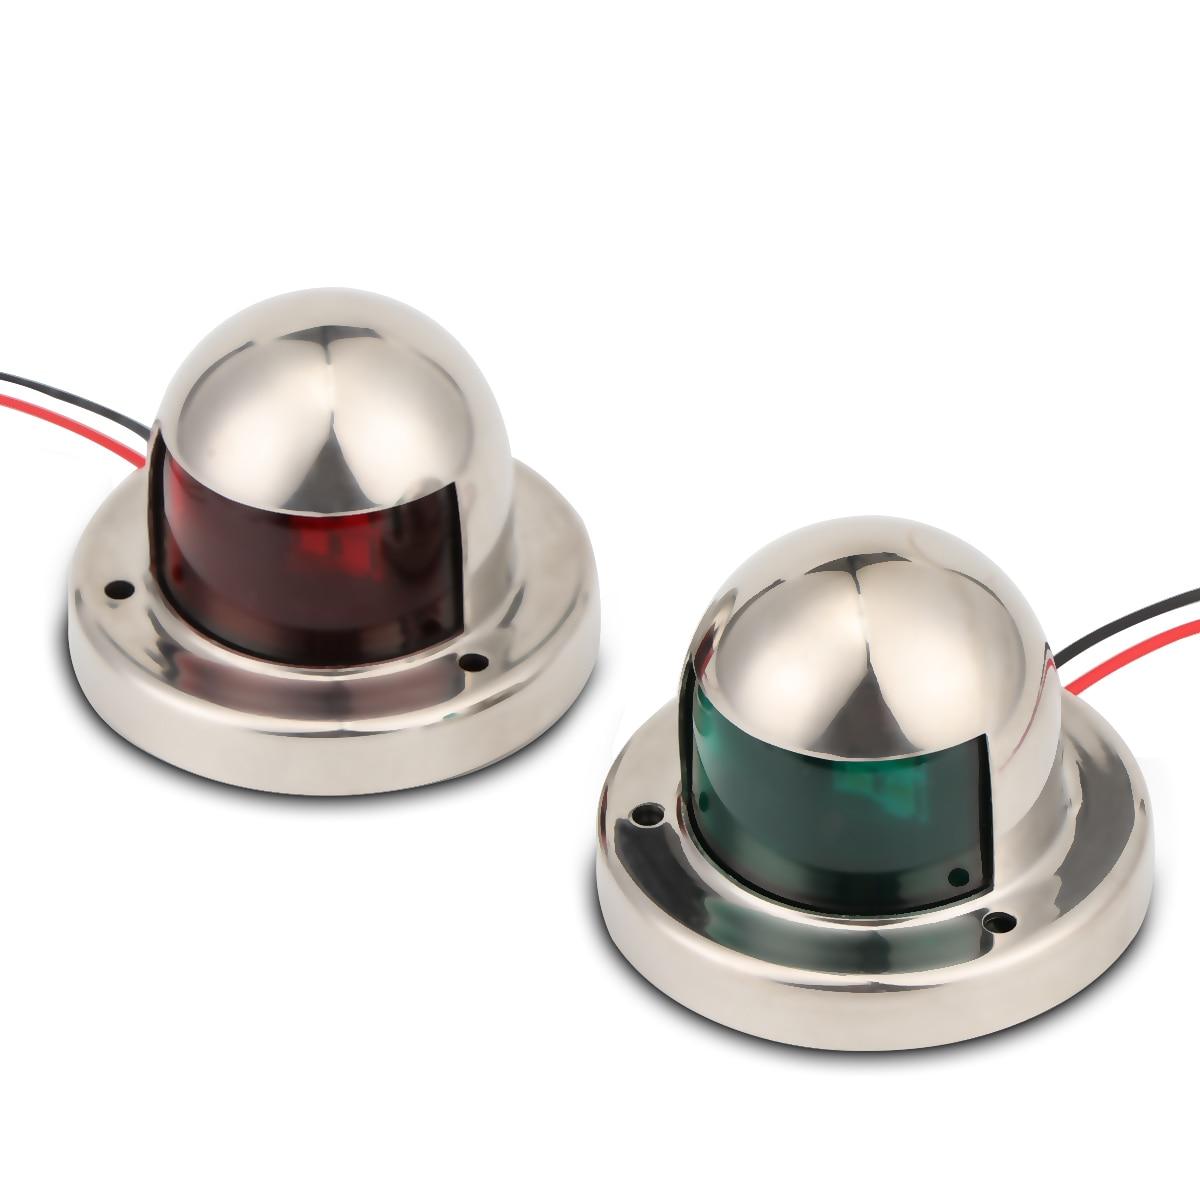 1 пара из нержавеющей стали 12 в светодиодный навигационный светильник с бантом, красный, зеленый сигнальный светильник для плавания, для морской лодки, яхты, светодиодный, с правого борта и порта